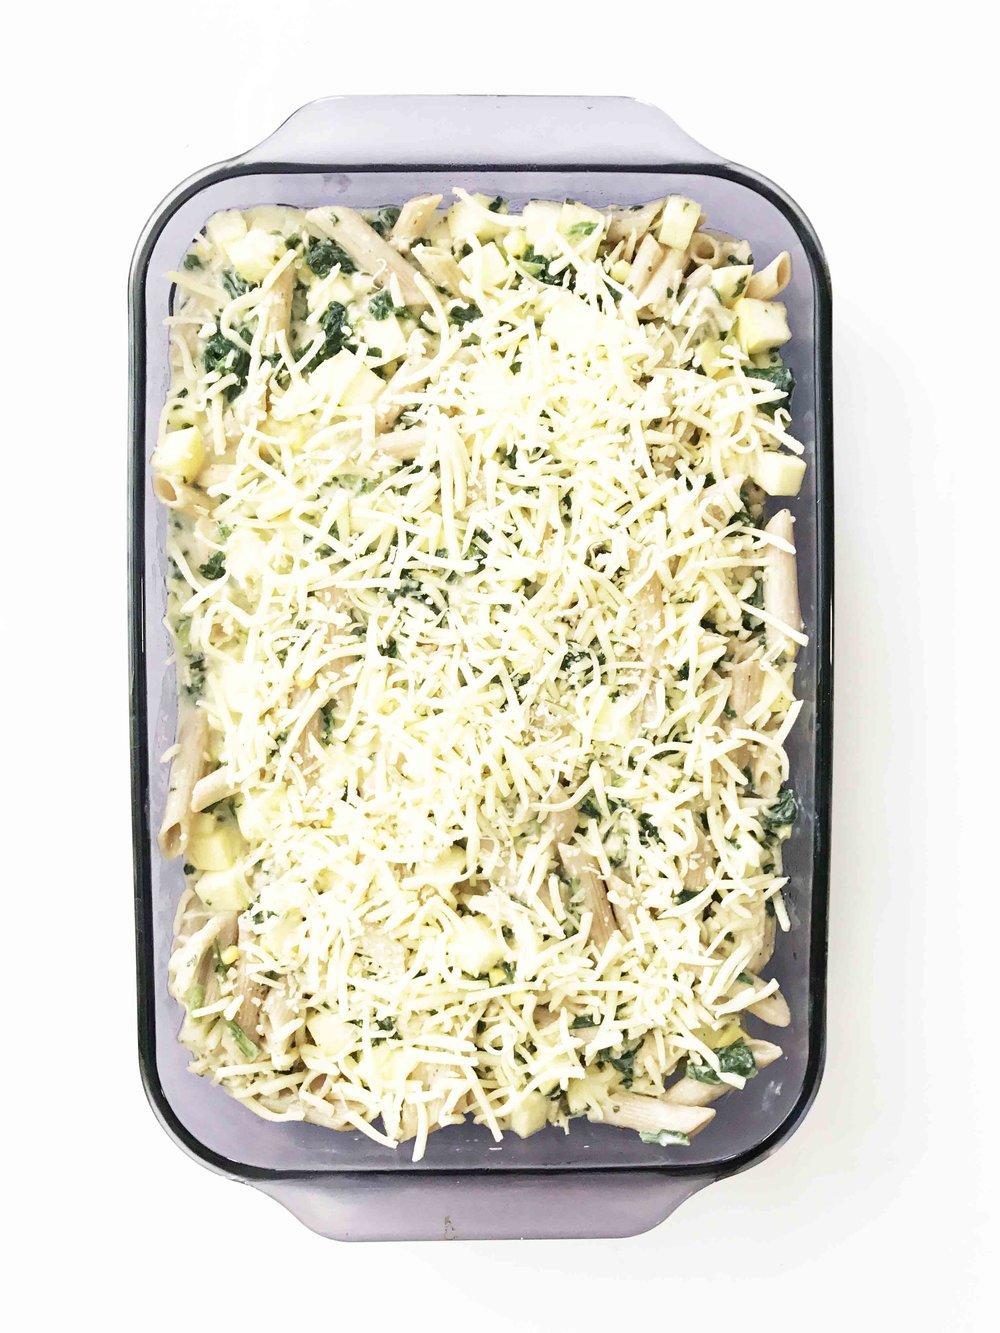 zucchini-corn-casserole11.jpg